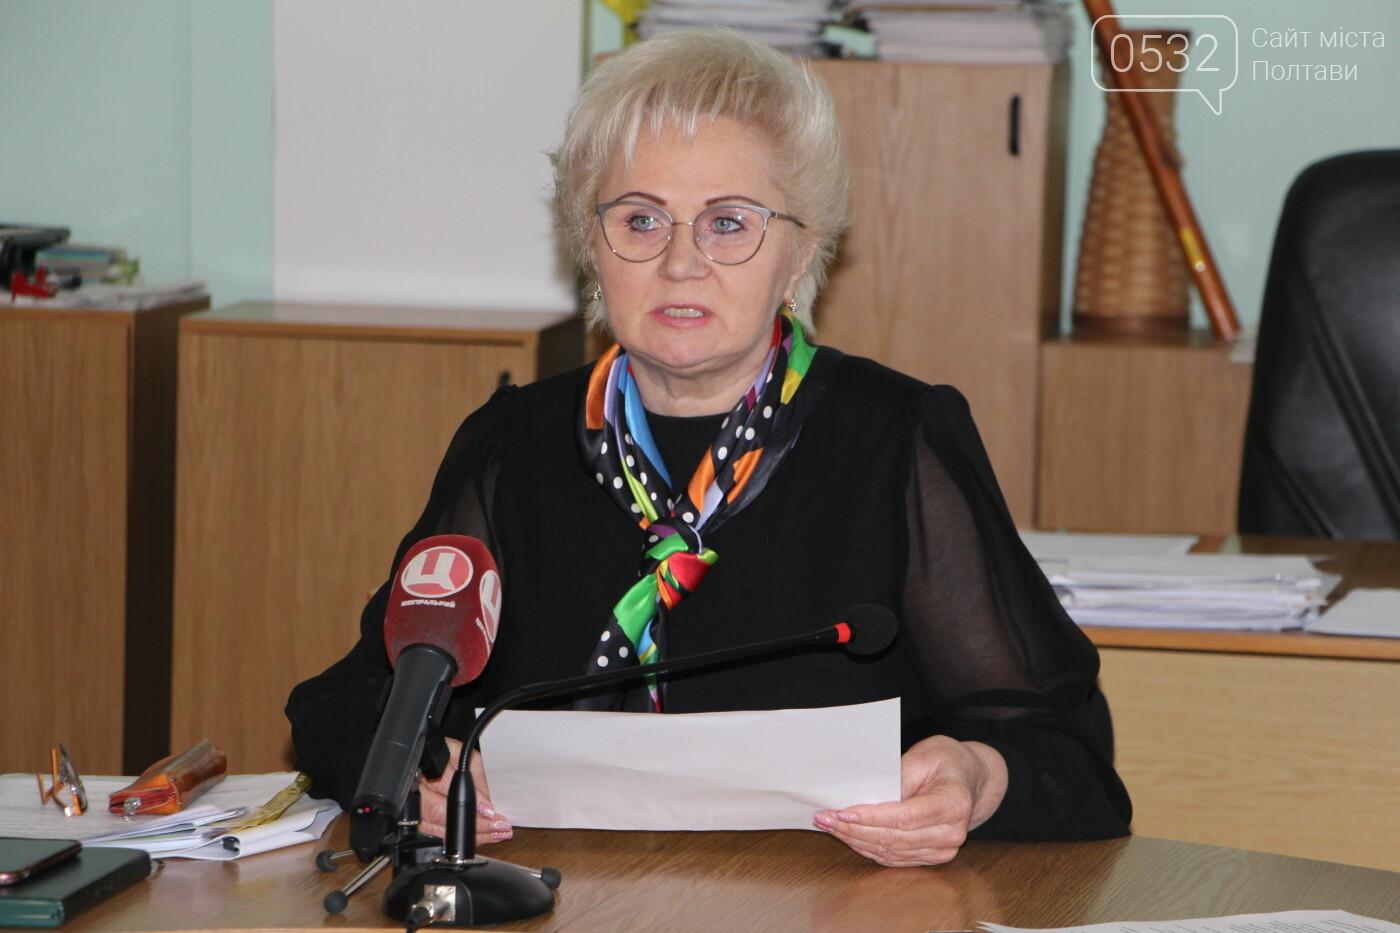 У Полтаві через збір коштів волонтерами відсторонили від обов'язків керівника дитячої лікарні, фото-1